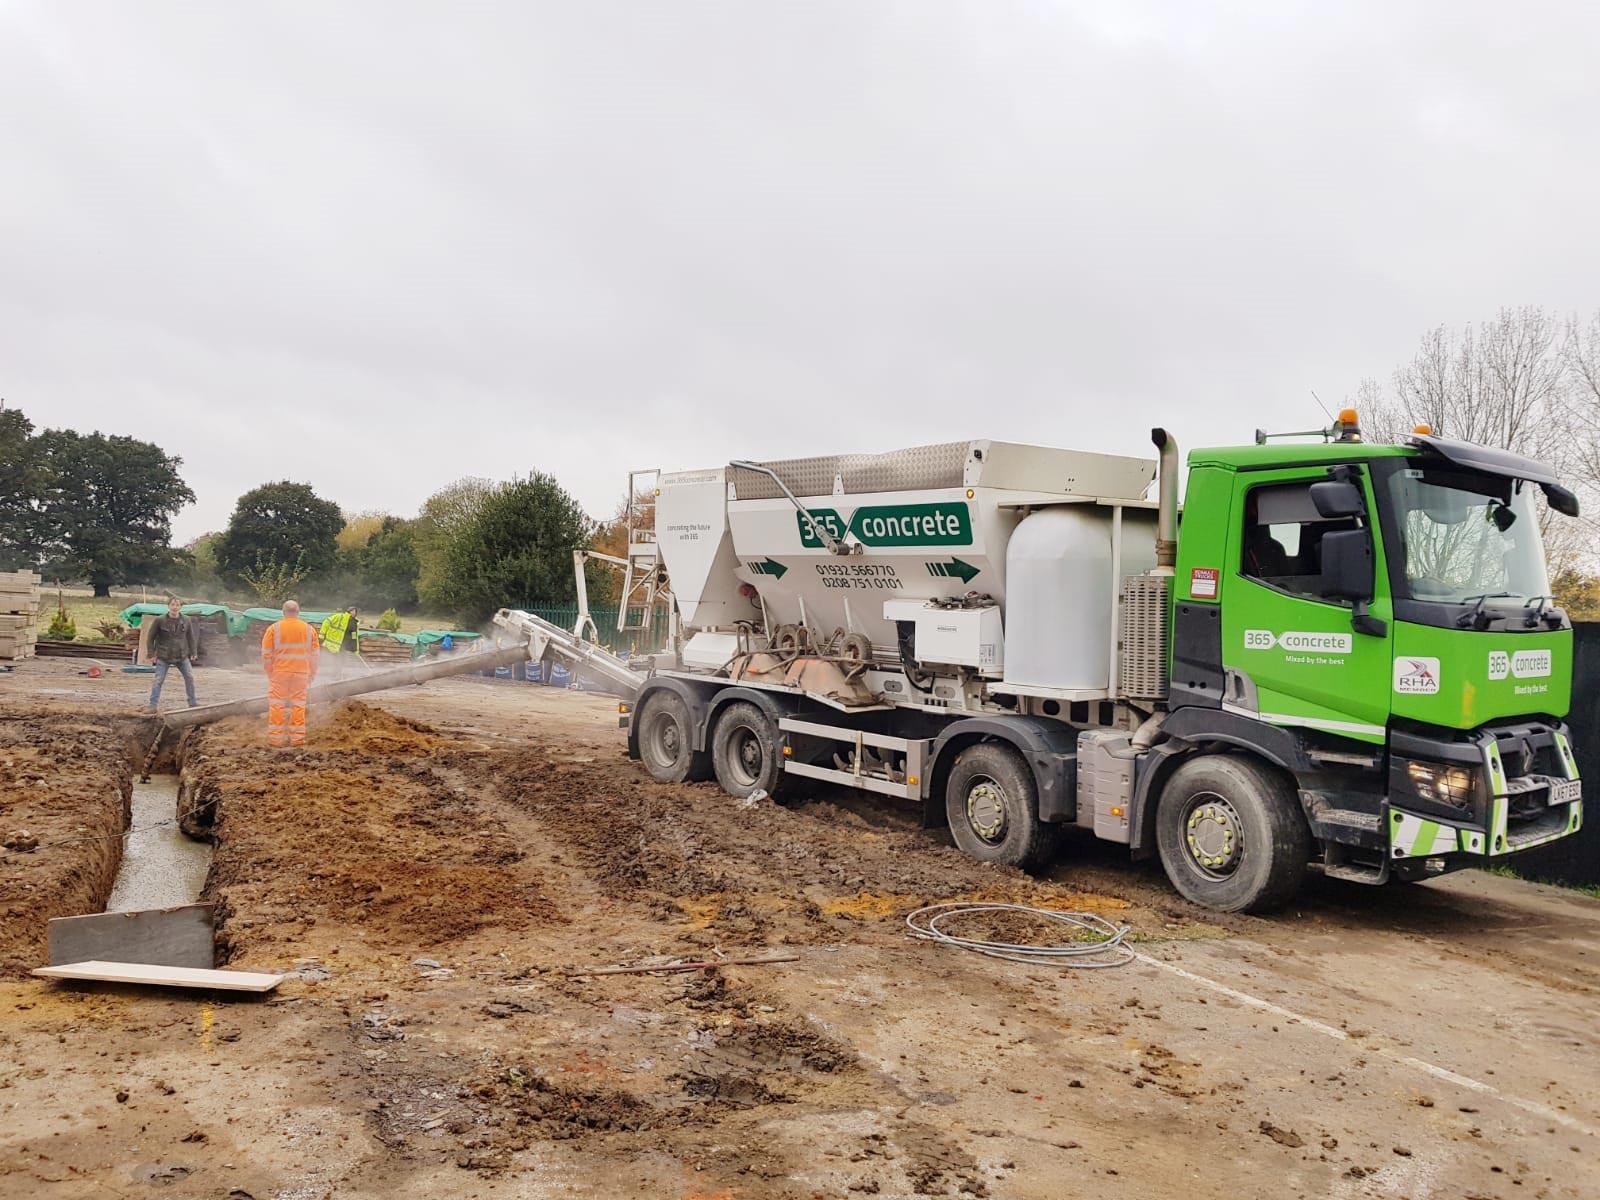 365 Concrete foundation concrete pour